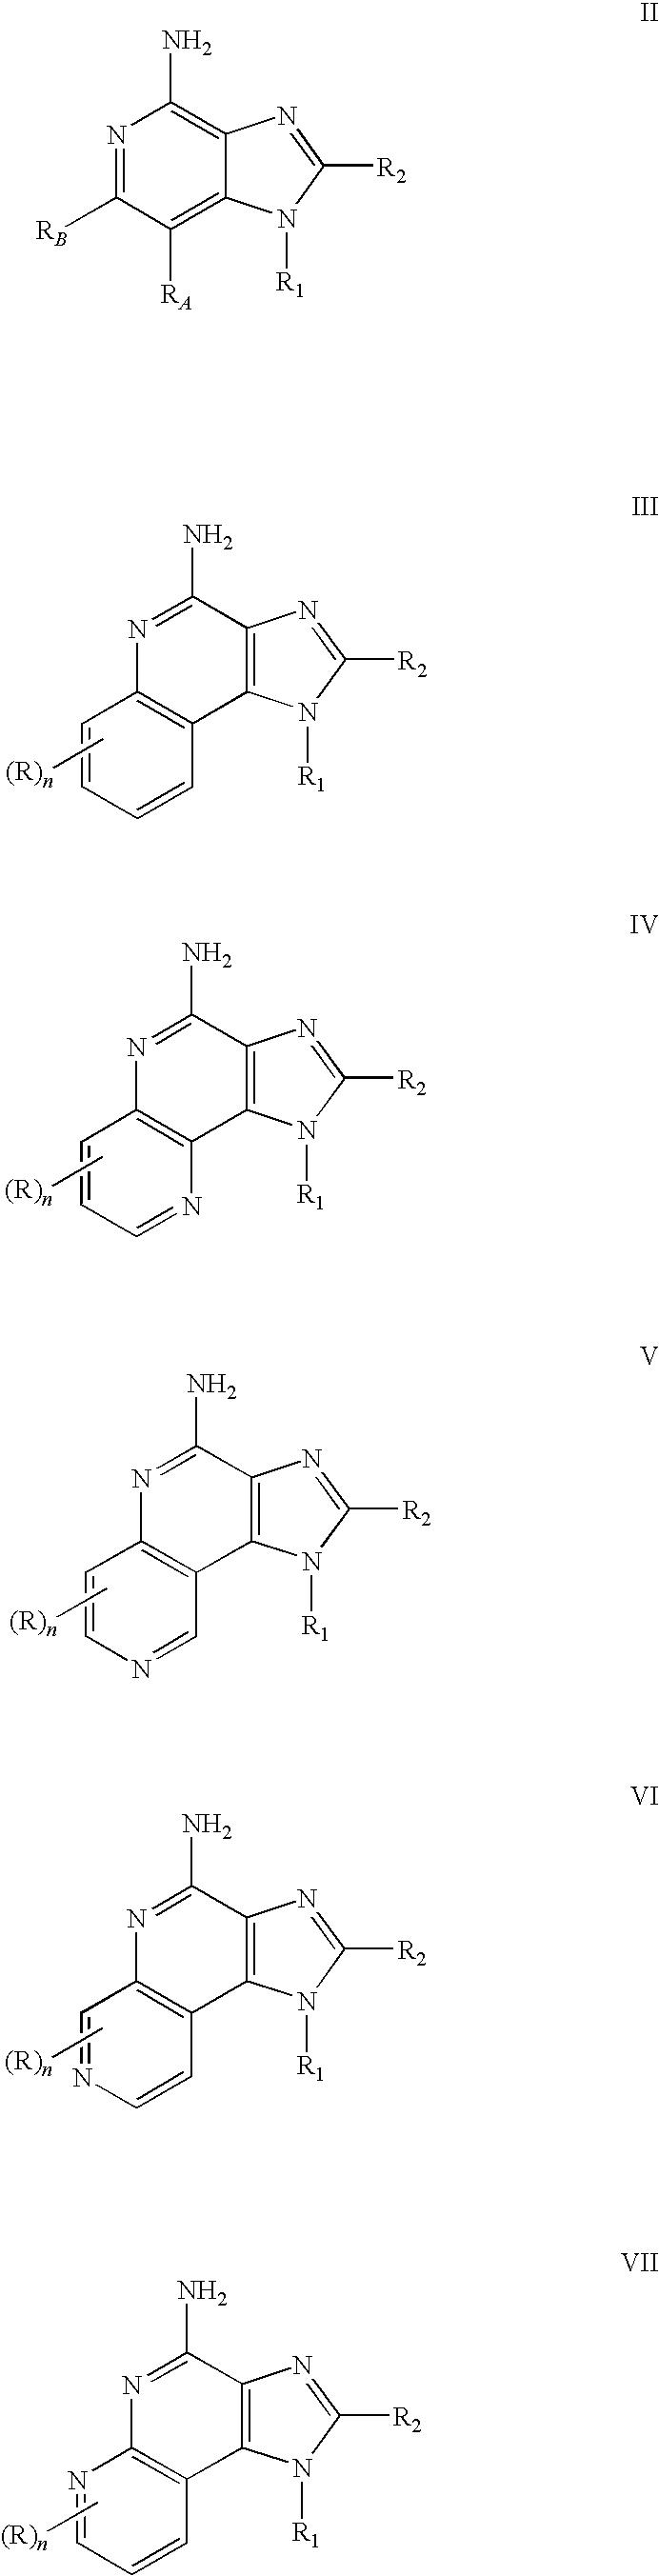 Figure US07799800-20100921-C00002